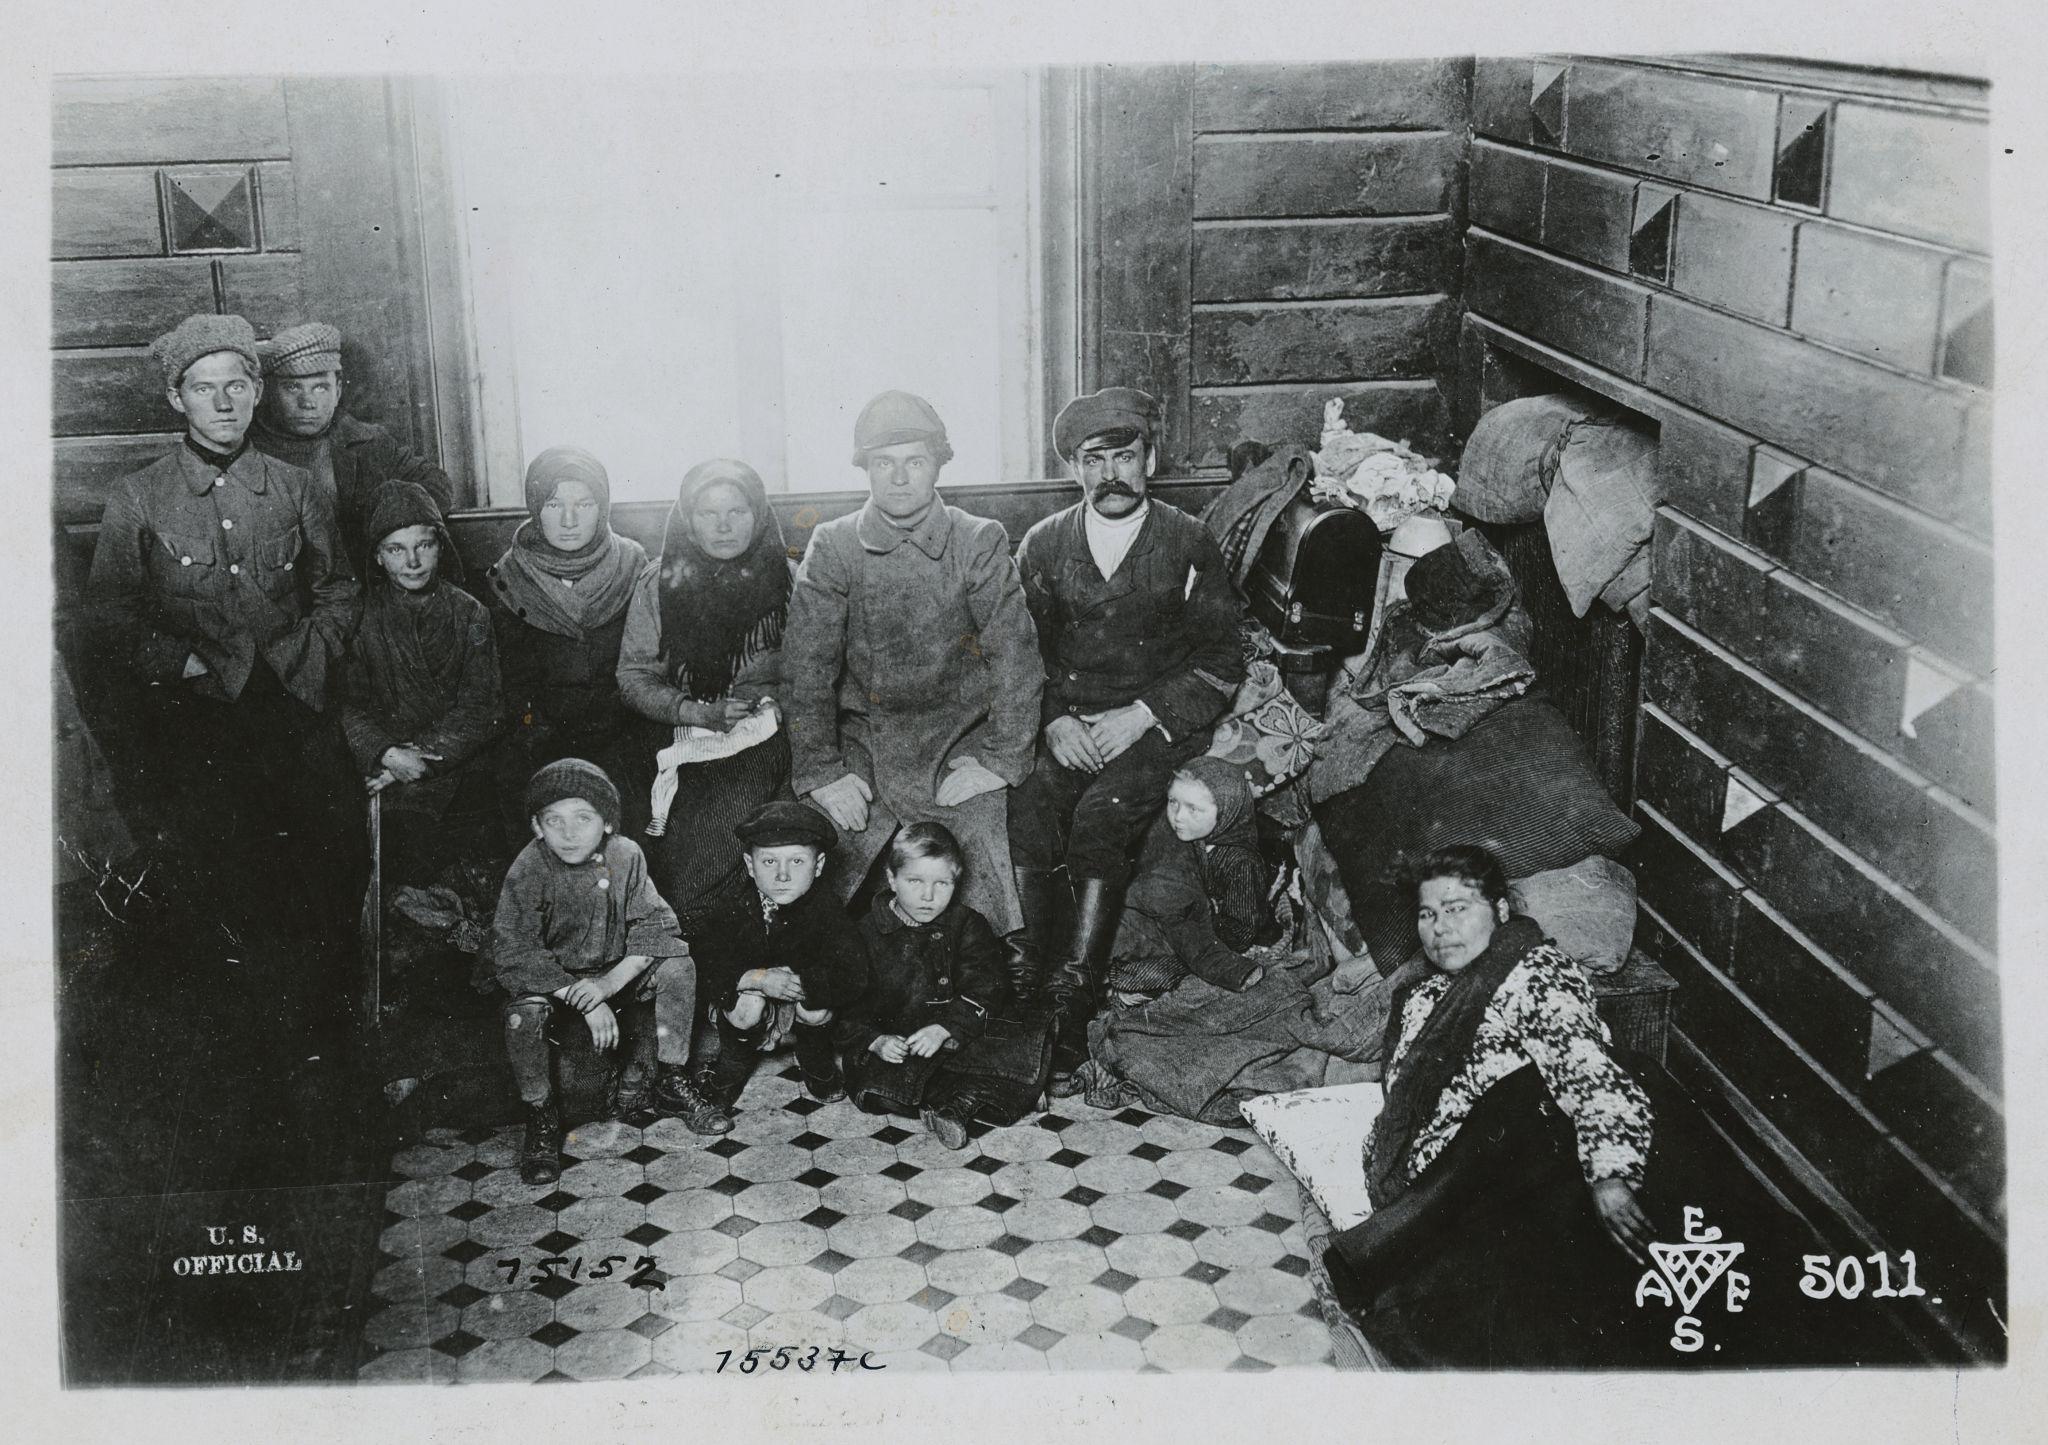 Семья беженцев от большевиков, которая на две недели обосновались в доме на железнодорожной станции во Владивостоке